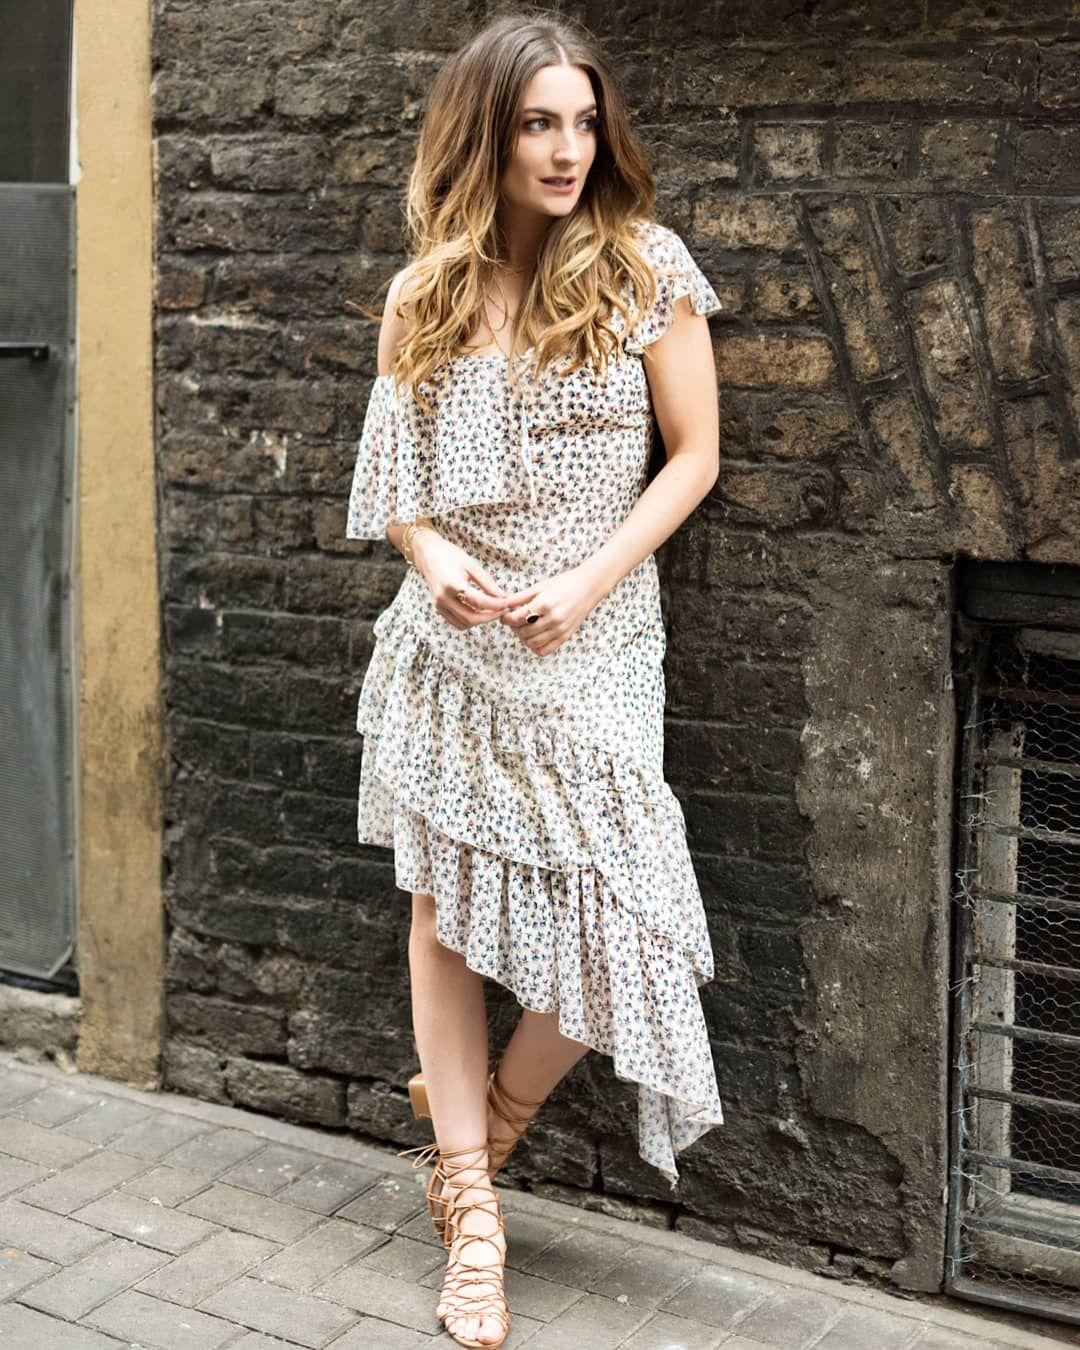 ec1d9090c El vestido más buscado de Primark en Instagram - El vestido de Primark que  arrasa en Instagram